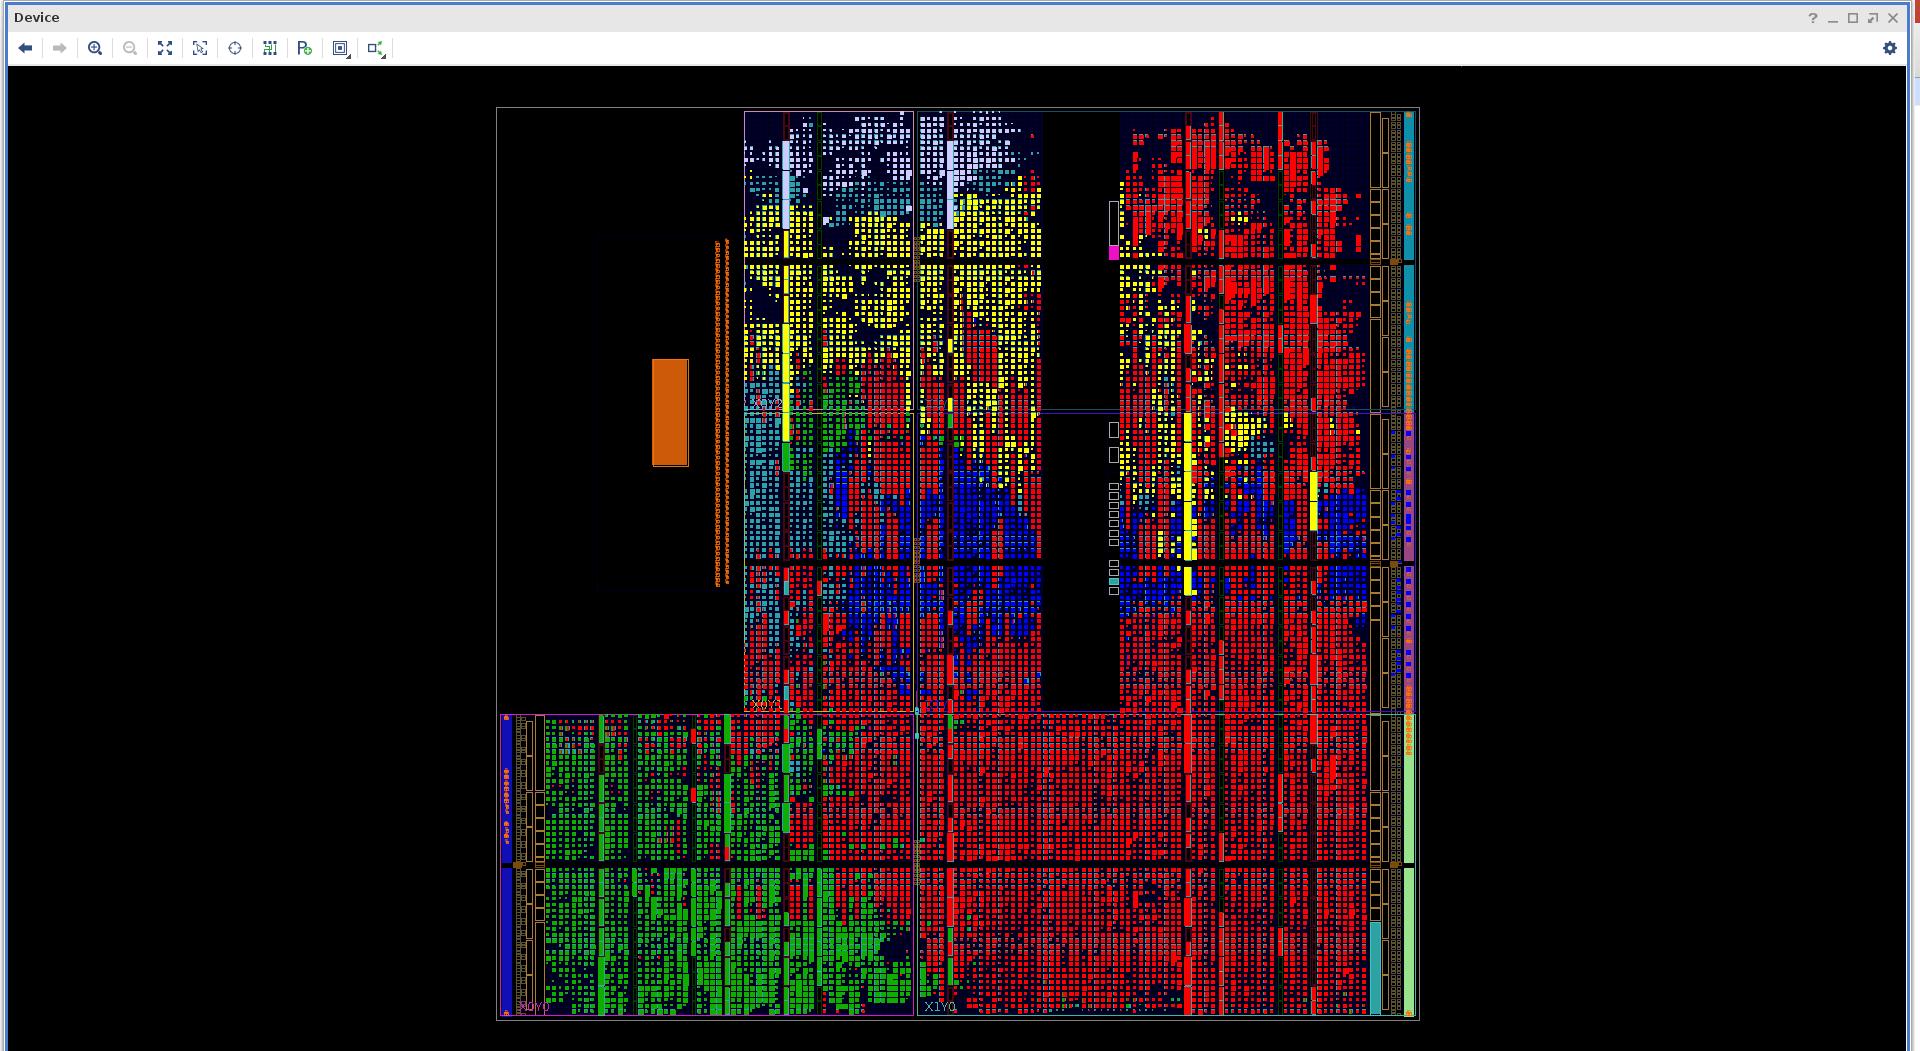 FPGA art